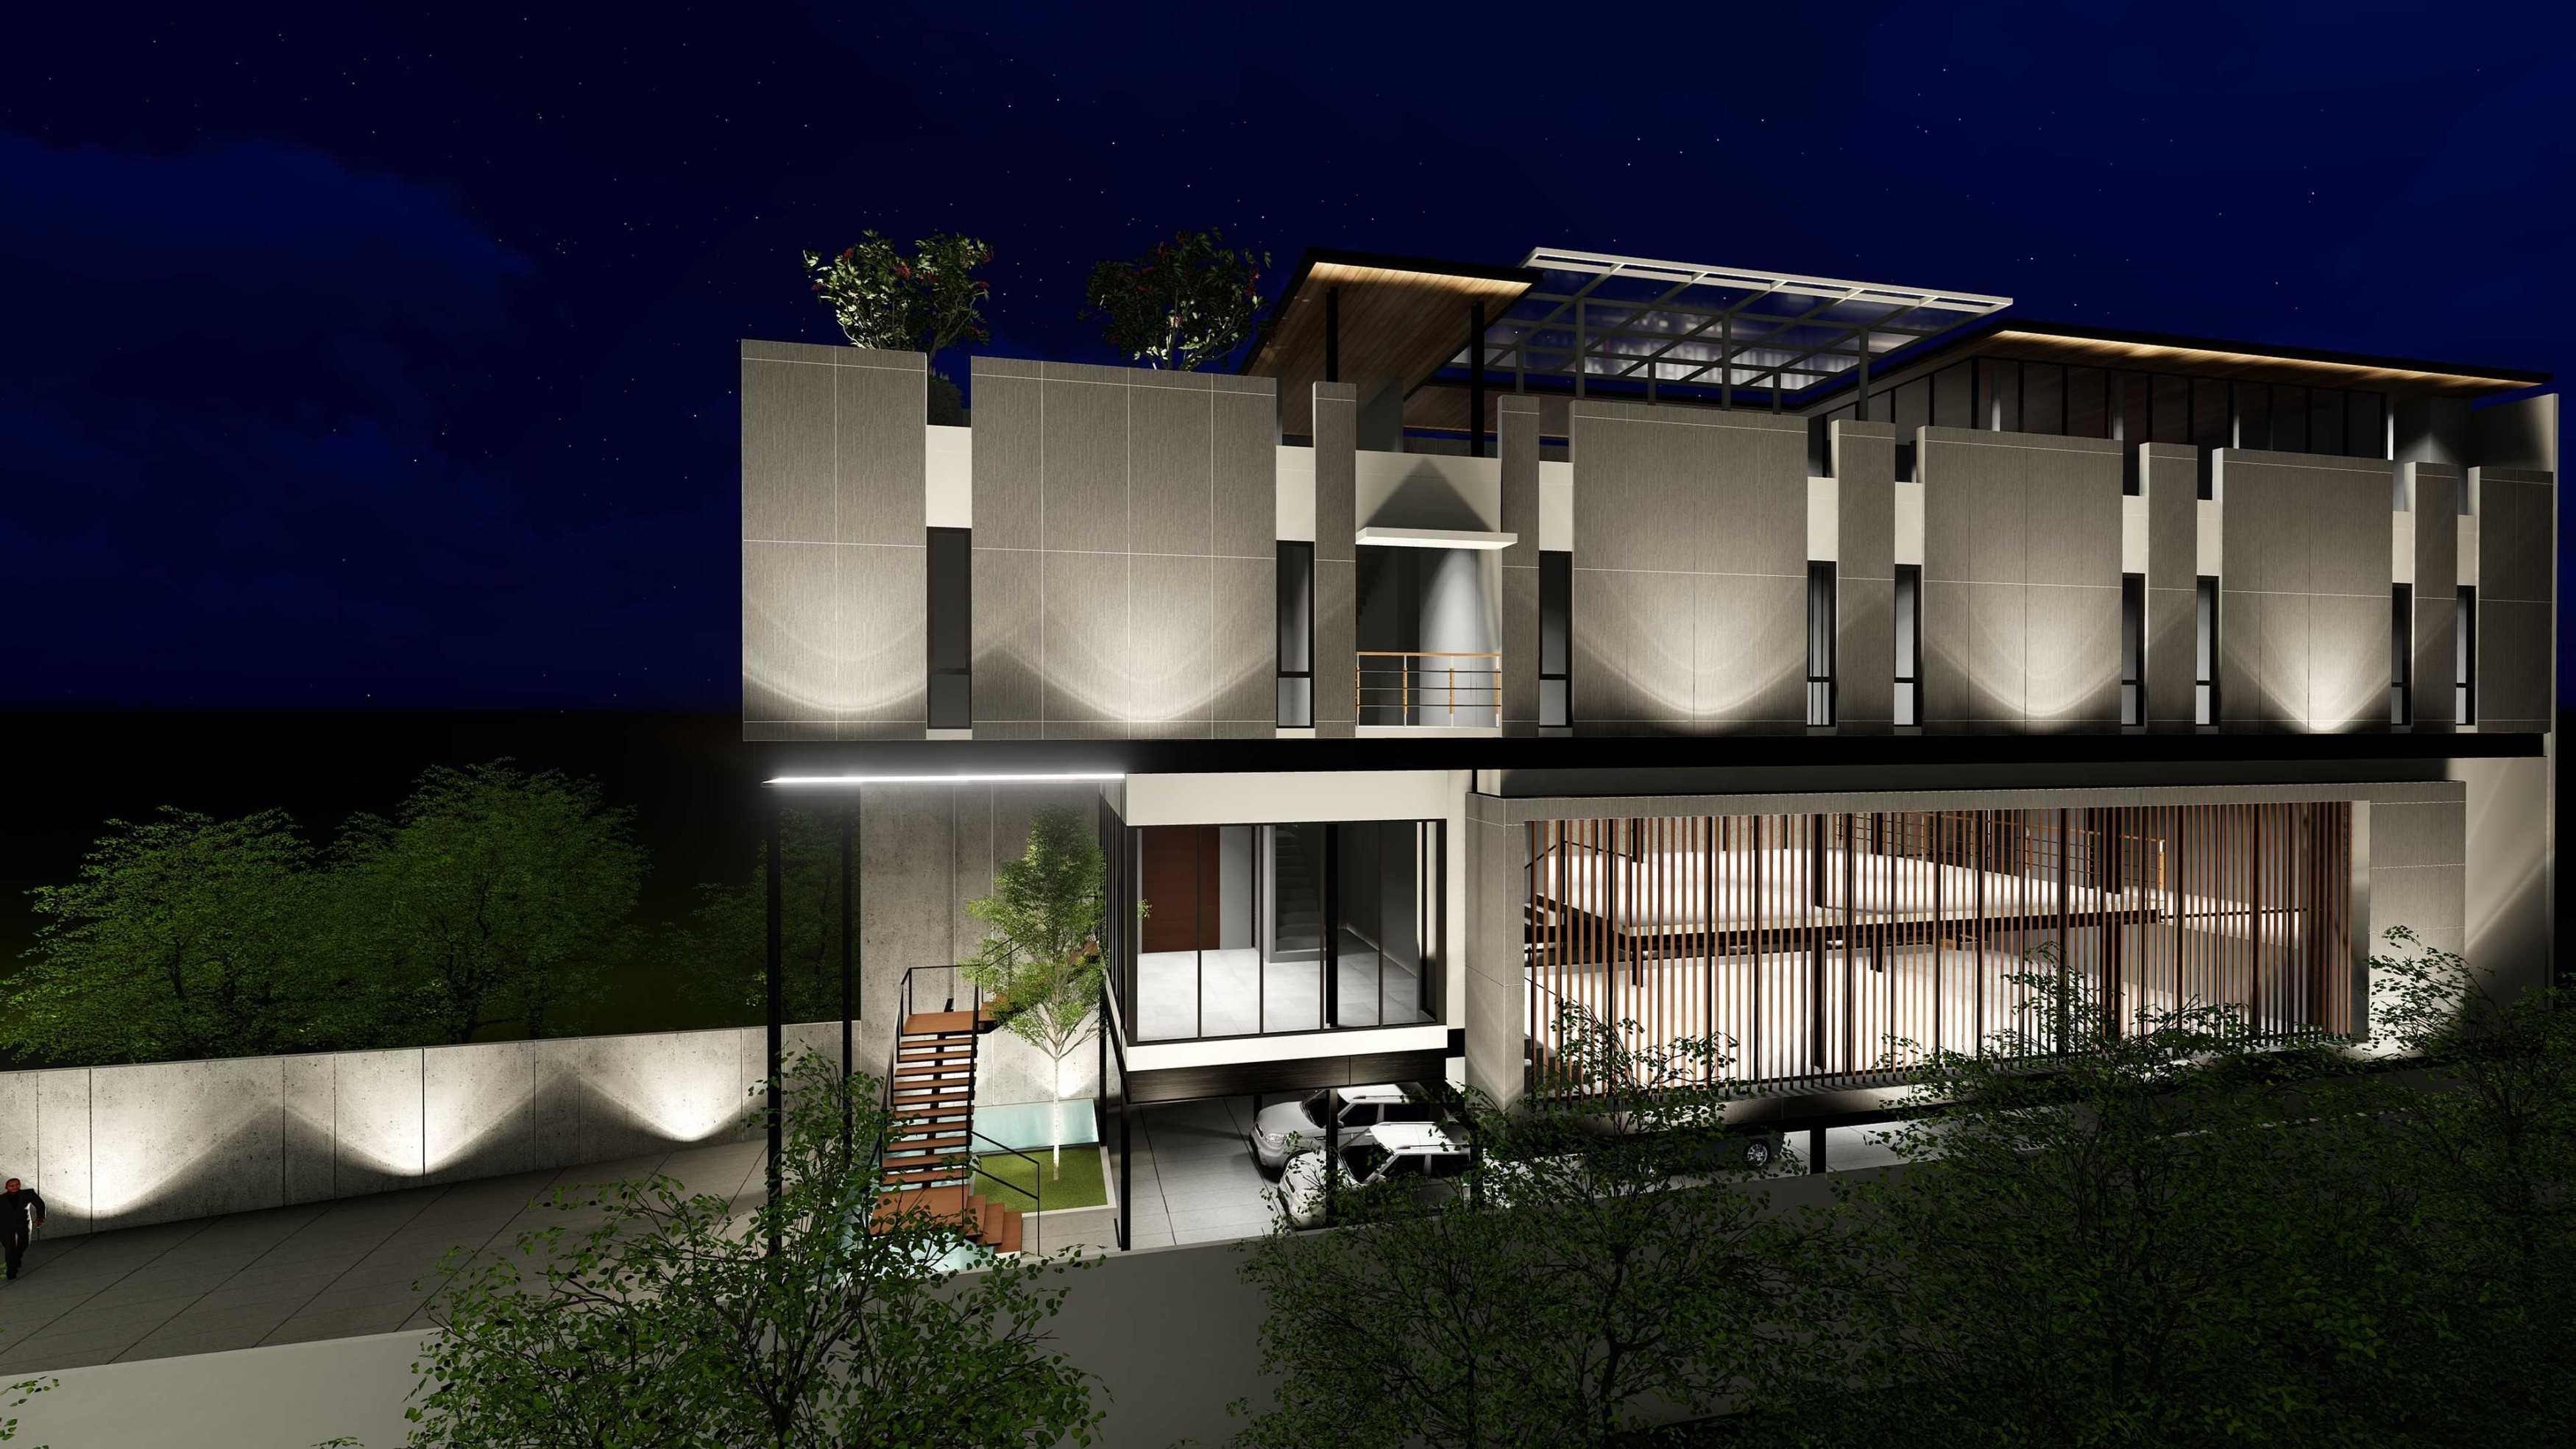 Raaj Gill Arsitek Adihome Coliving Hotel Benoa, Kec. Kuta Sel., Kabupaten Badung, Bali, Indonesia Benoa, Kec. Kuta Sel., Kabupaten Badung, Bali, Indonesia Raaj-Gill-Arsitek-Adihome-Coliving-Hotel   74731